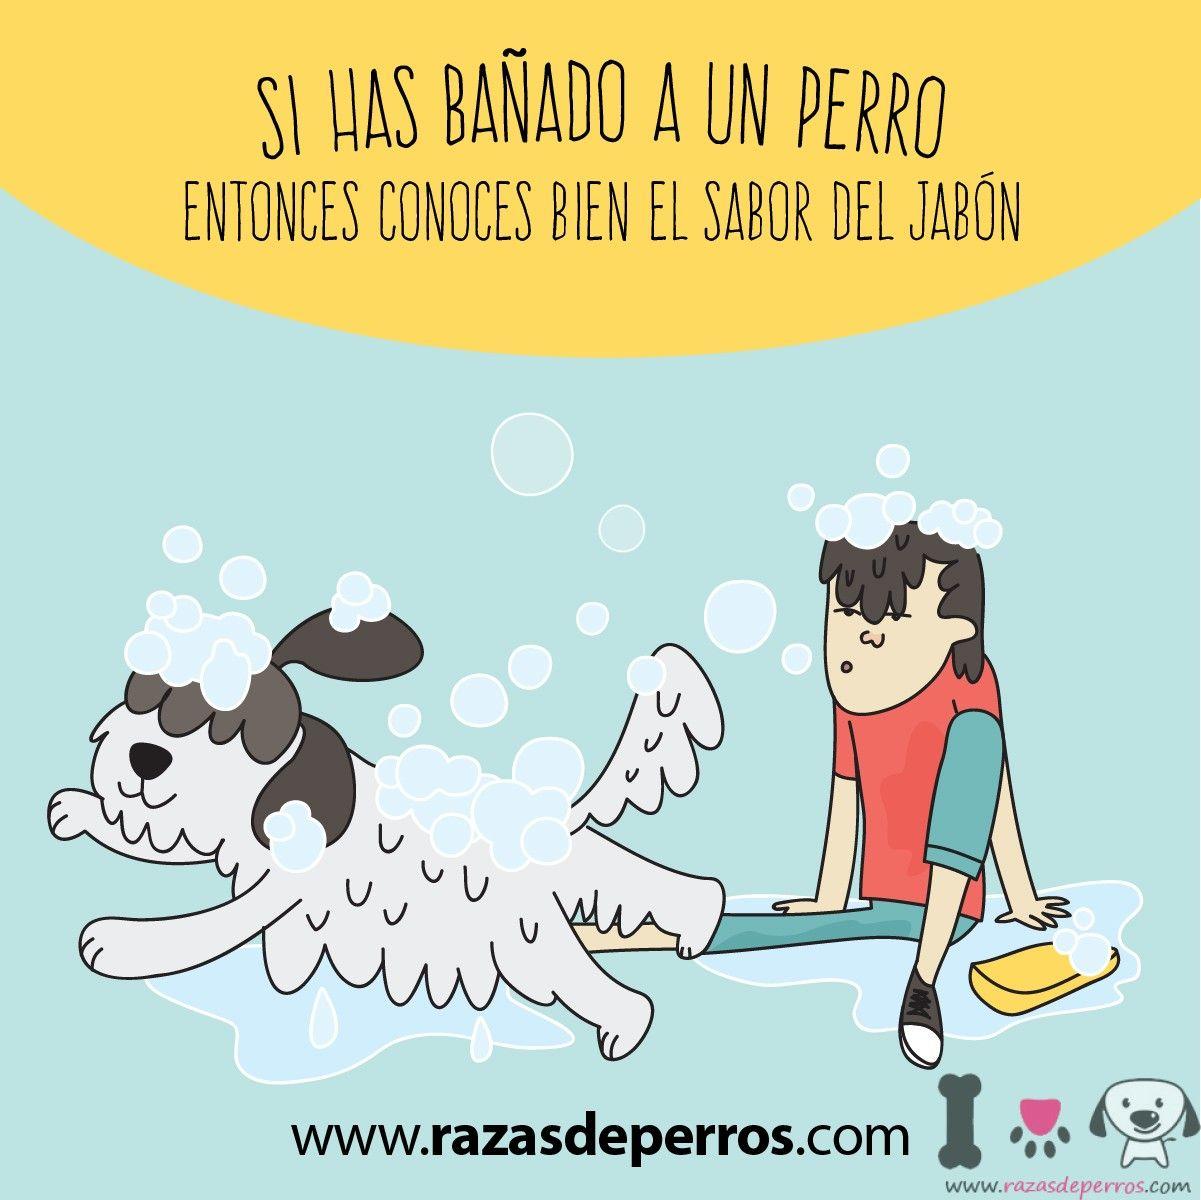 Dibujo De Perro Siendo Banado Por Su Dueno Perros Amantes De Perros Y Perros Divertidos